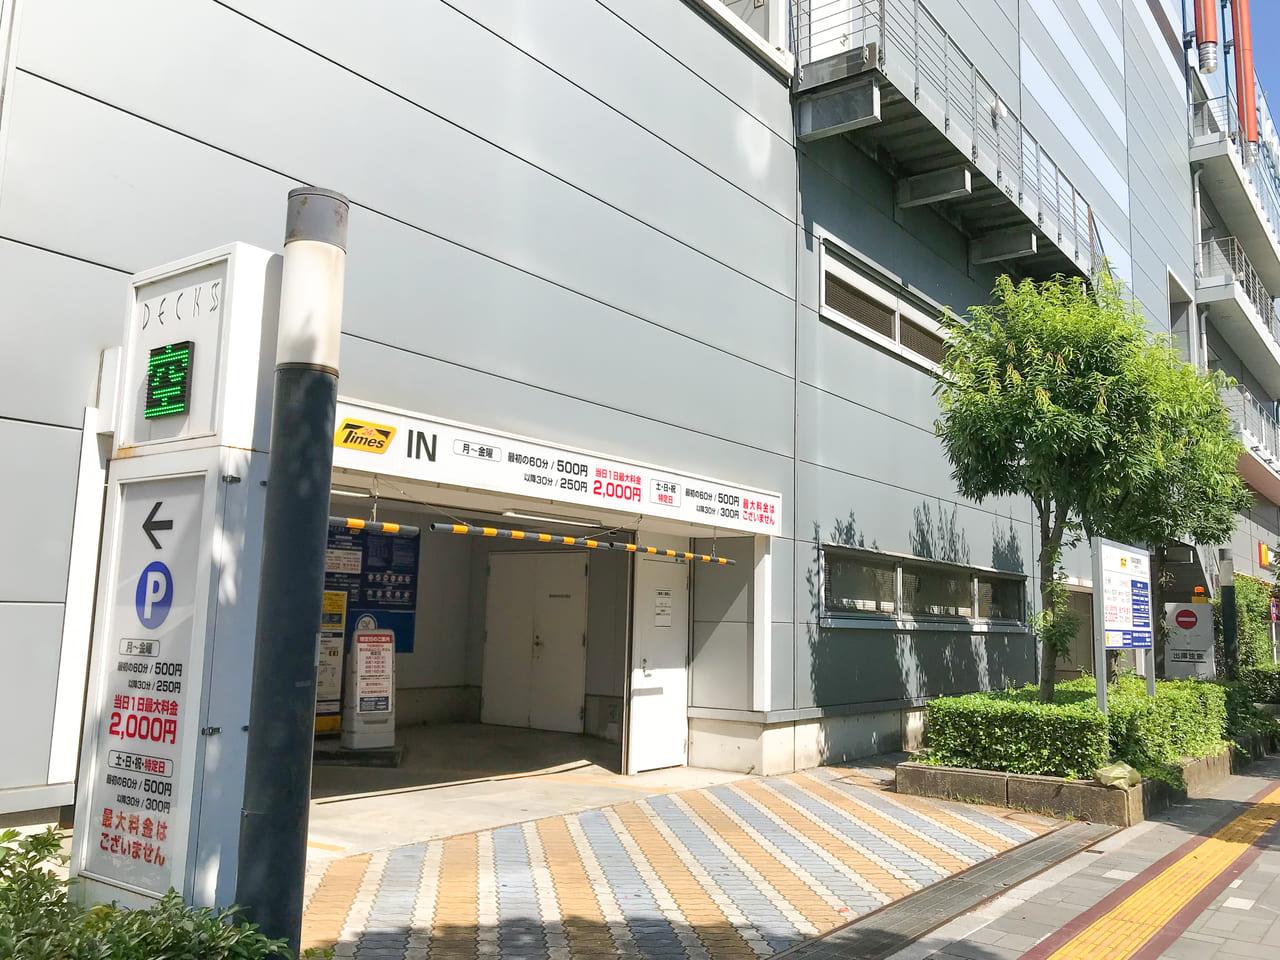 /1261-decks-tokyo-beach-parking-lot